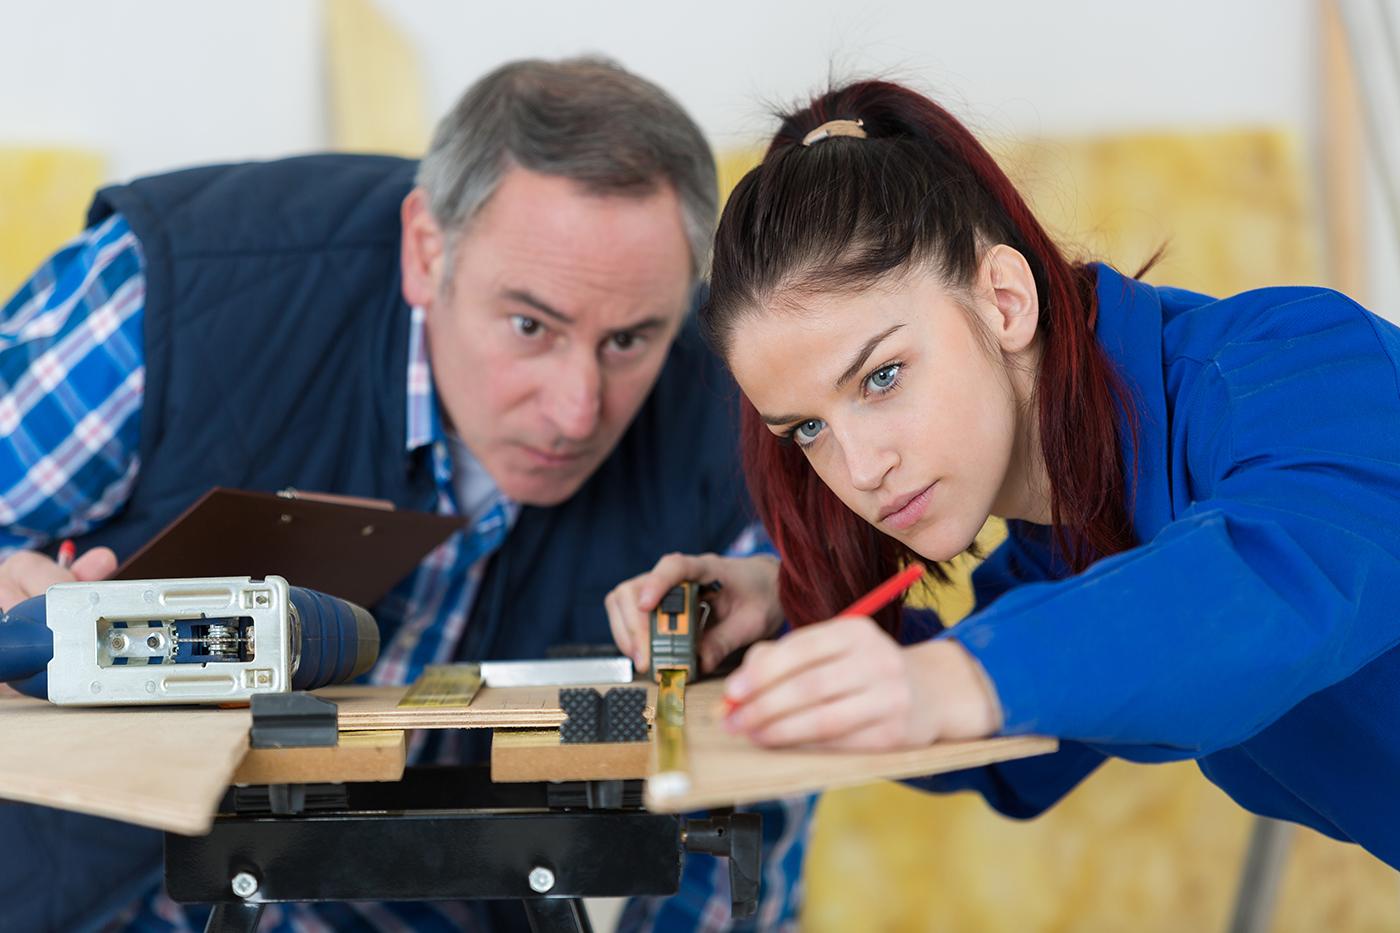 nuori naisopiskelija mittaa puupöytää ja vanhempi miesopettaja tarkkailee vierestä